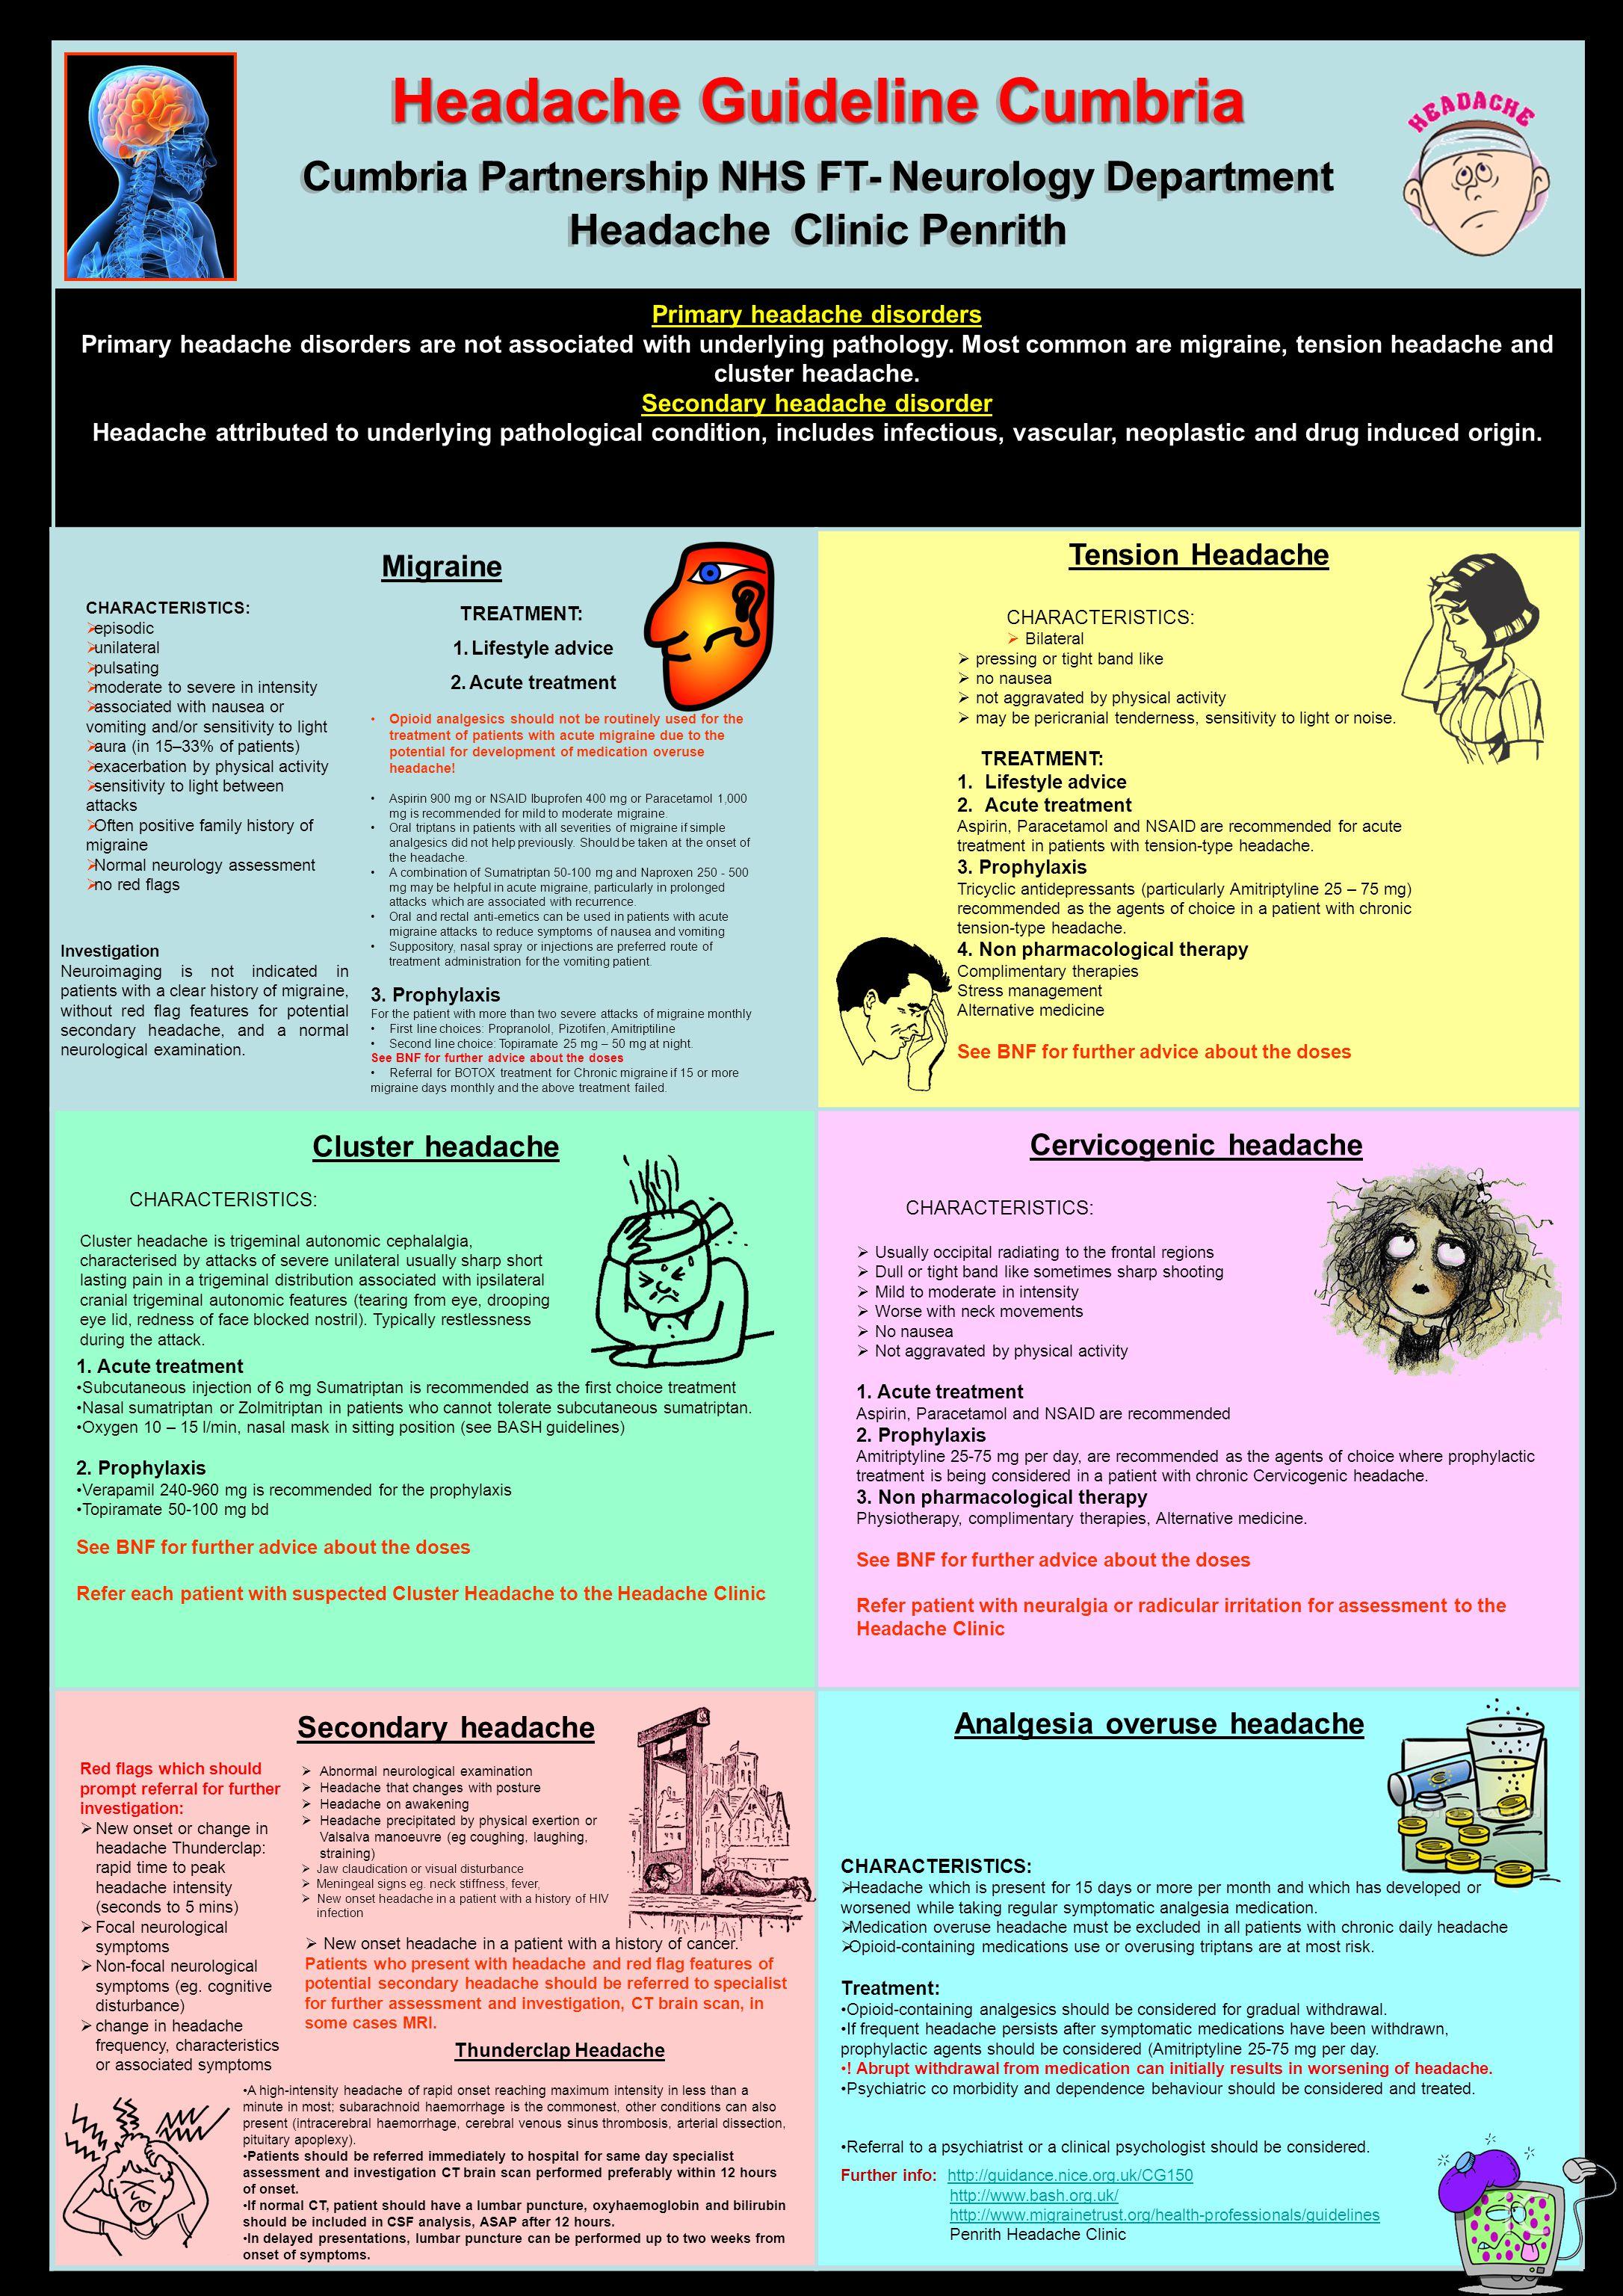 Headache Guideline Cumbria Cumbria Partnership NHS FT- Neurology Department Headache Clinic Penrith Headache Guideline Cumbria Cumbria Partnership NHS